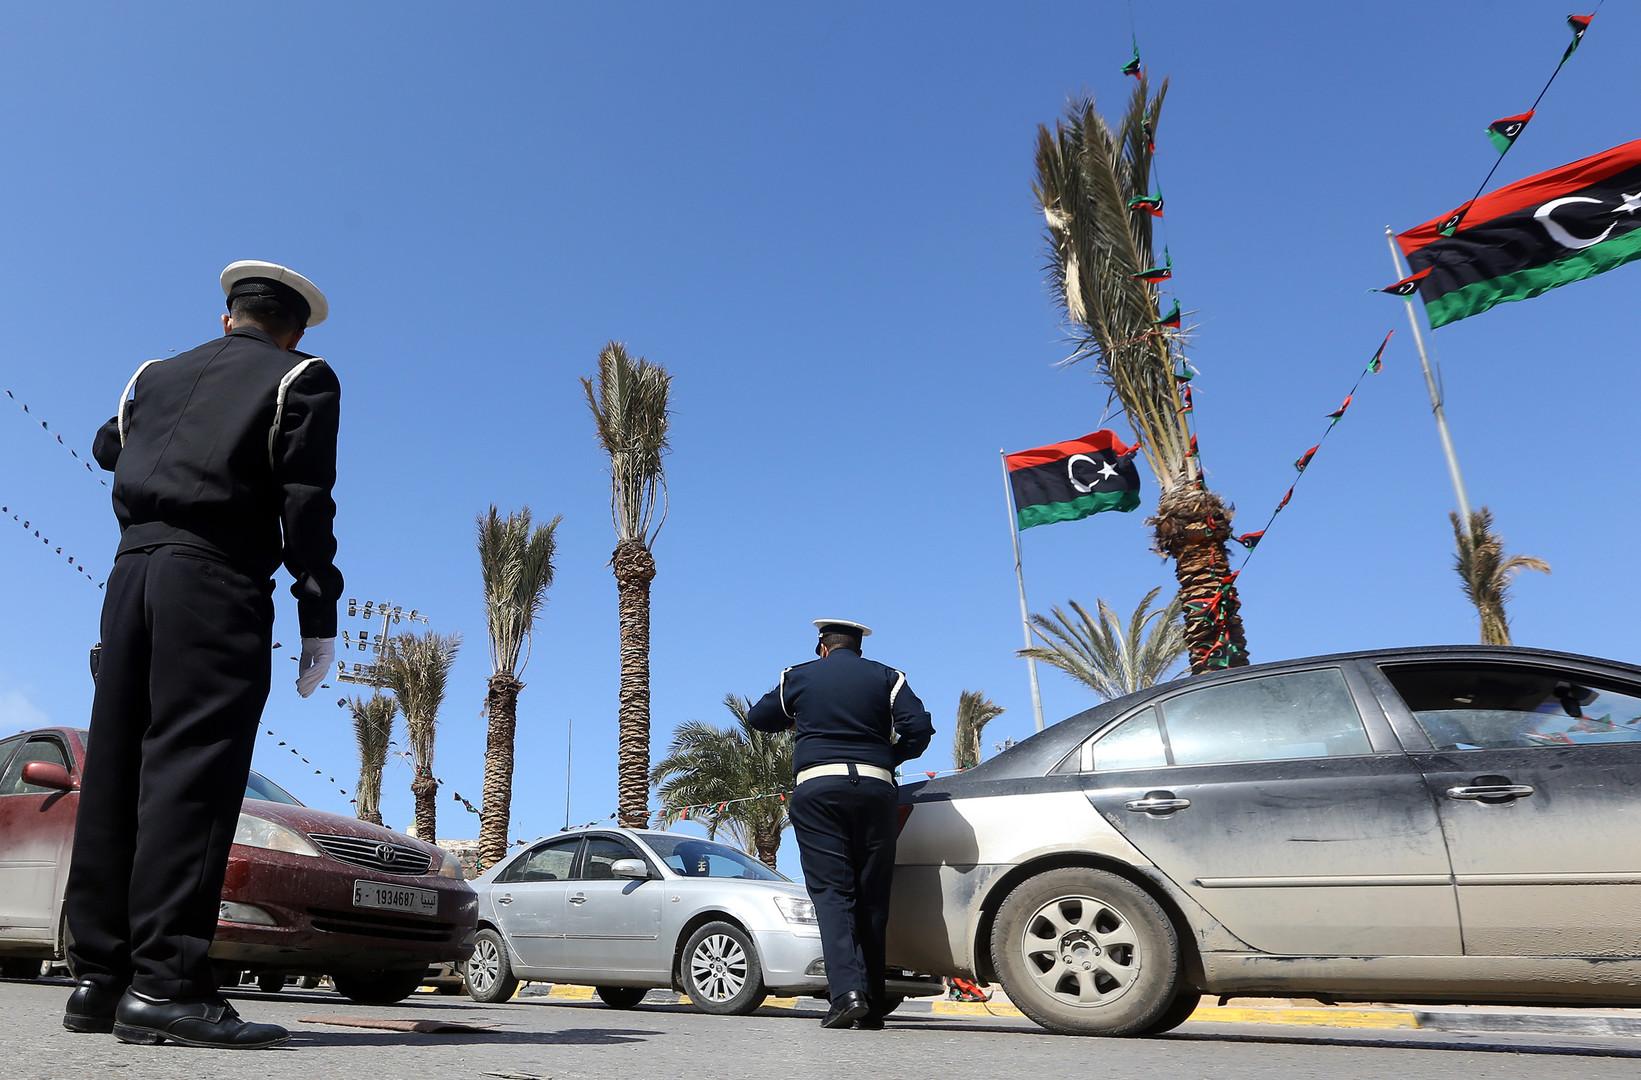 داخلية حكومة الوفاق الوطني توجه حزمة اتهامات خطيرة لهيئة استثمار تابعة لقوات حفتر